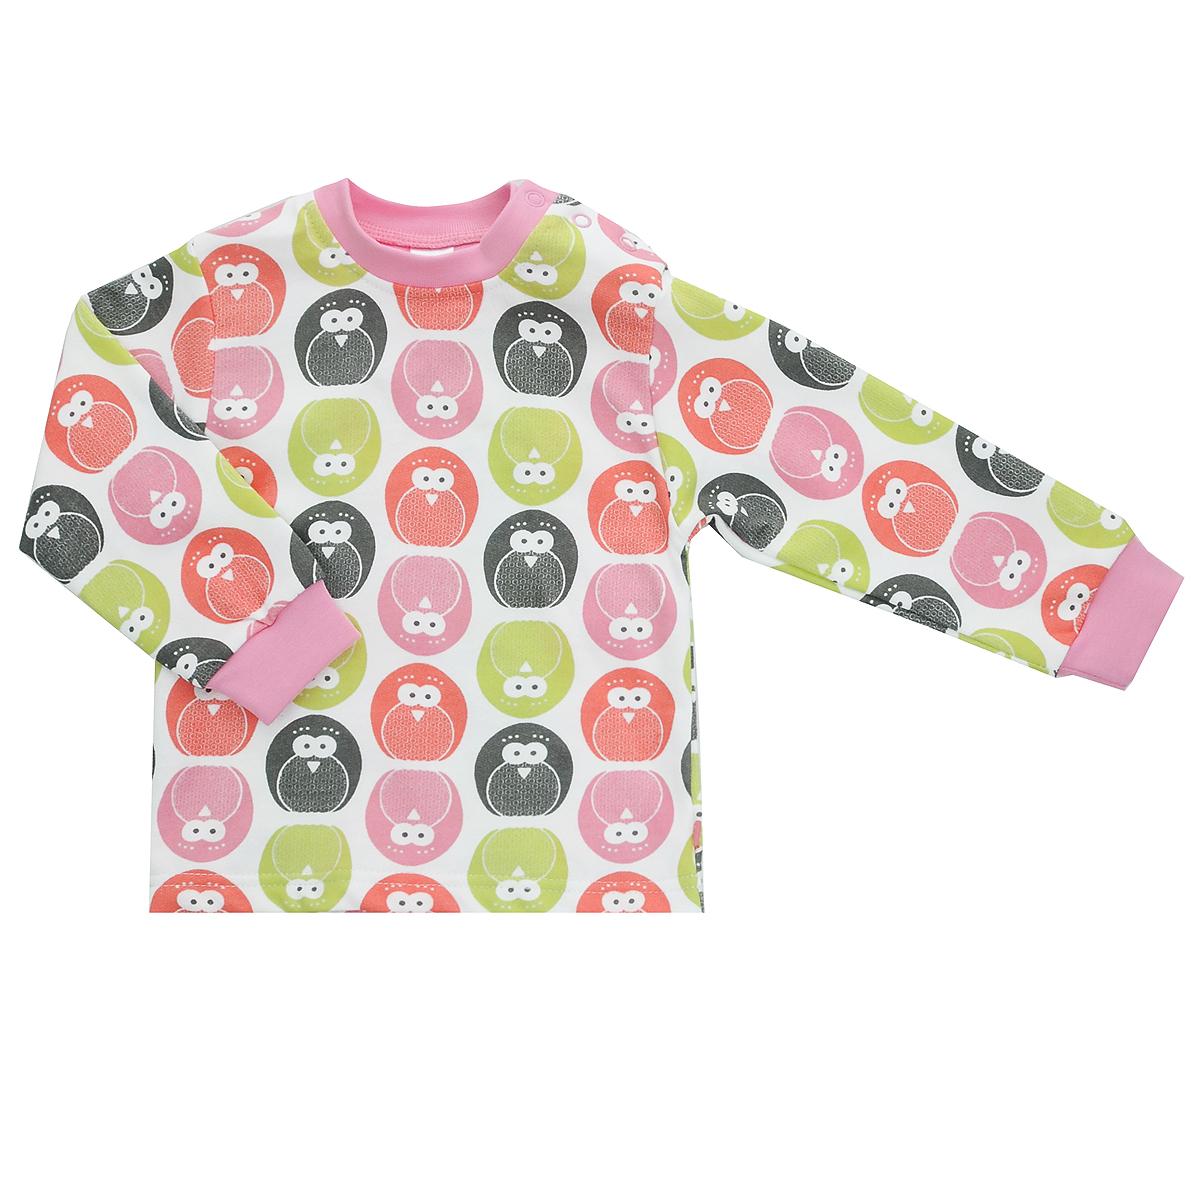 Футболка с длинным рукавом детская Bossa Nova, цвет: белый, розовый, с пингвинами. 211Б-482. Размер 62, 3 месяца211Б-482Футболка для новорожденного Bossa Nova с длинными рукавами и небольшим воротничком-стоечкой послужит идеальным дополнением к гардеробу вашего малыша, обеспечивая ему наибольший комфорт. Изготовленная из натурального хлопка, она необычайно мягкая и легкая, не раздражает нежную кожу ребенка и хорошо вентилируется, а эластичные швы приятны телу малыша и не препятствуют его движениям. Удобные застежки-кнопки по плечу помогают легко переодеть младенца. Футболка, оформленная оригинальным принтом, полностью соответствует особенностям жизни ребенка в ранний период, не стесняя и не ограничивая его в движениях. В ней ваш малыш всегда будет в центре внимания.